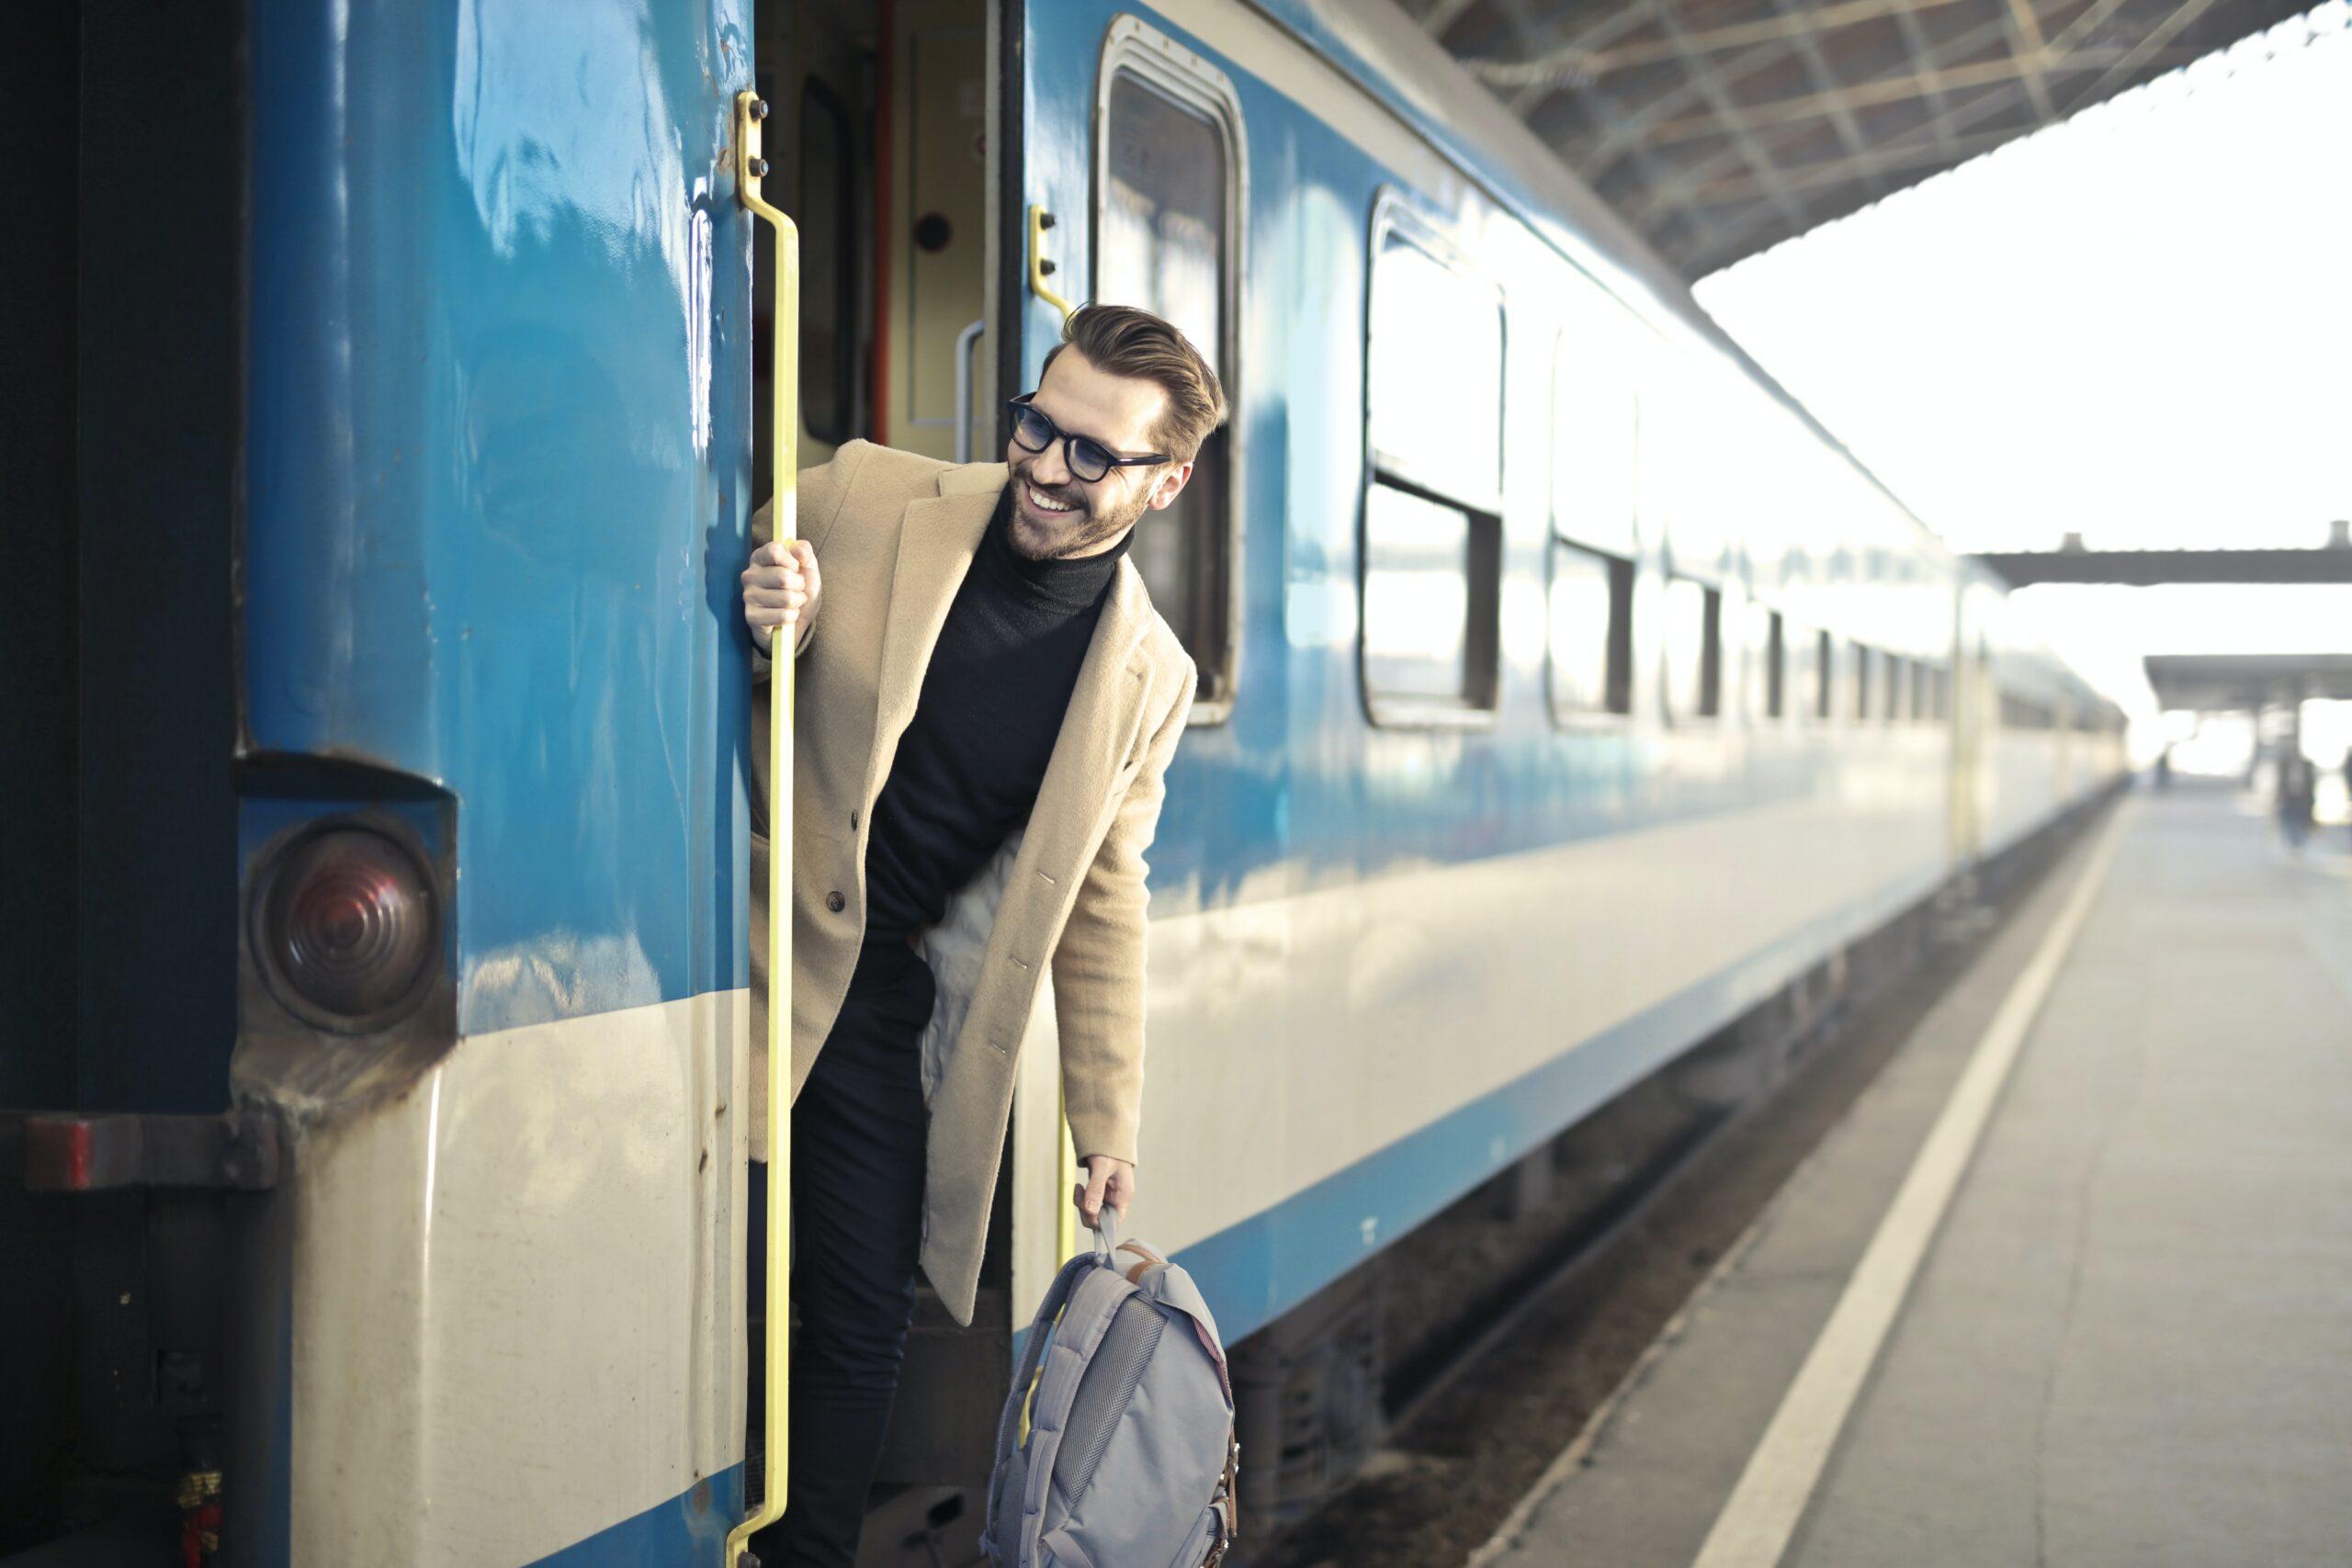 Podróż służbowa – co trzeba o niej wiedzieć i jak ją rozliczać?